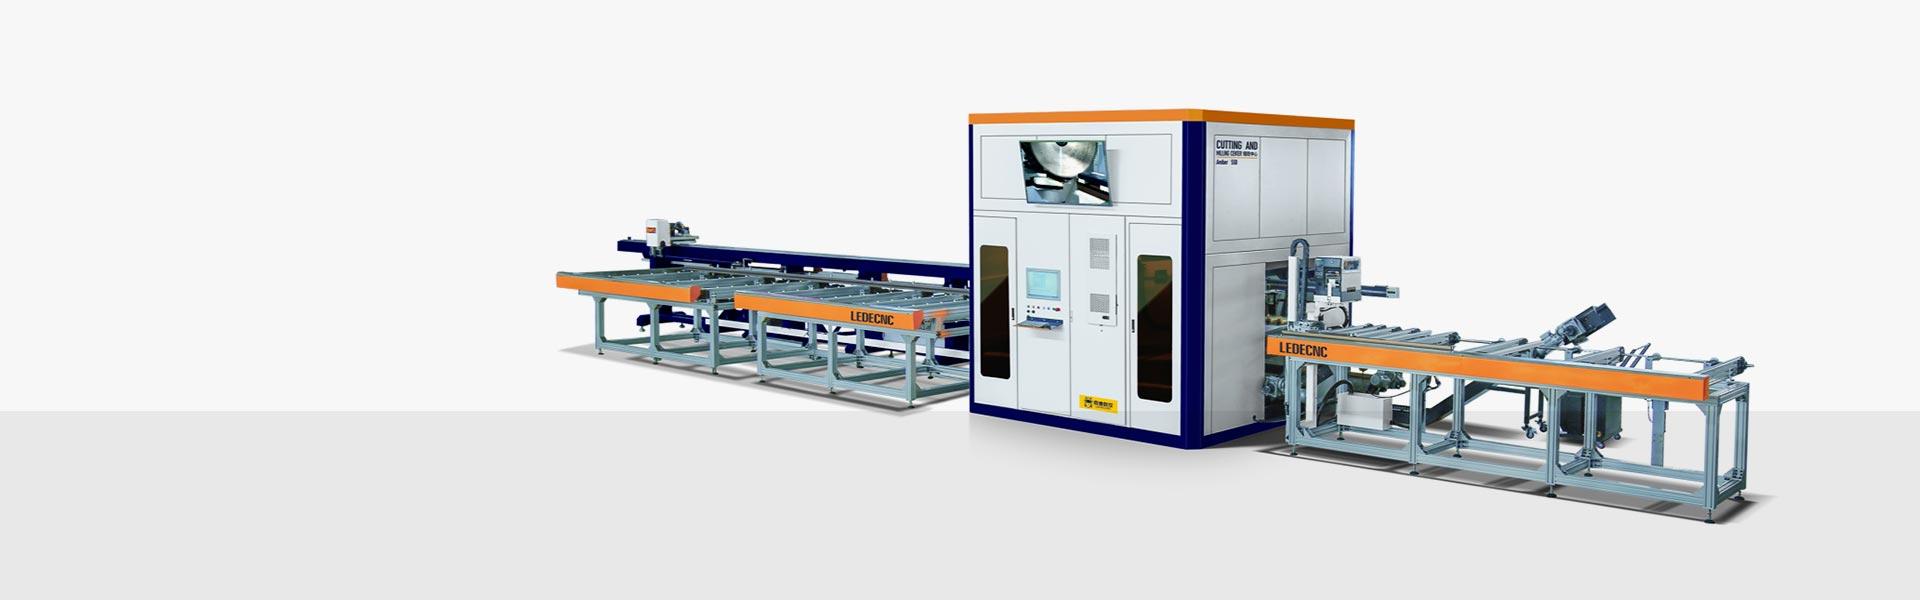 自动锯铣生产线 Amber 550